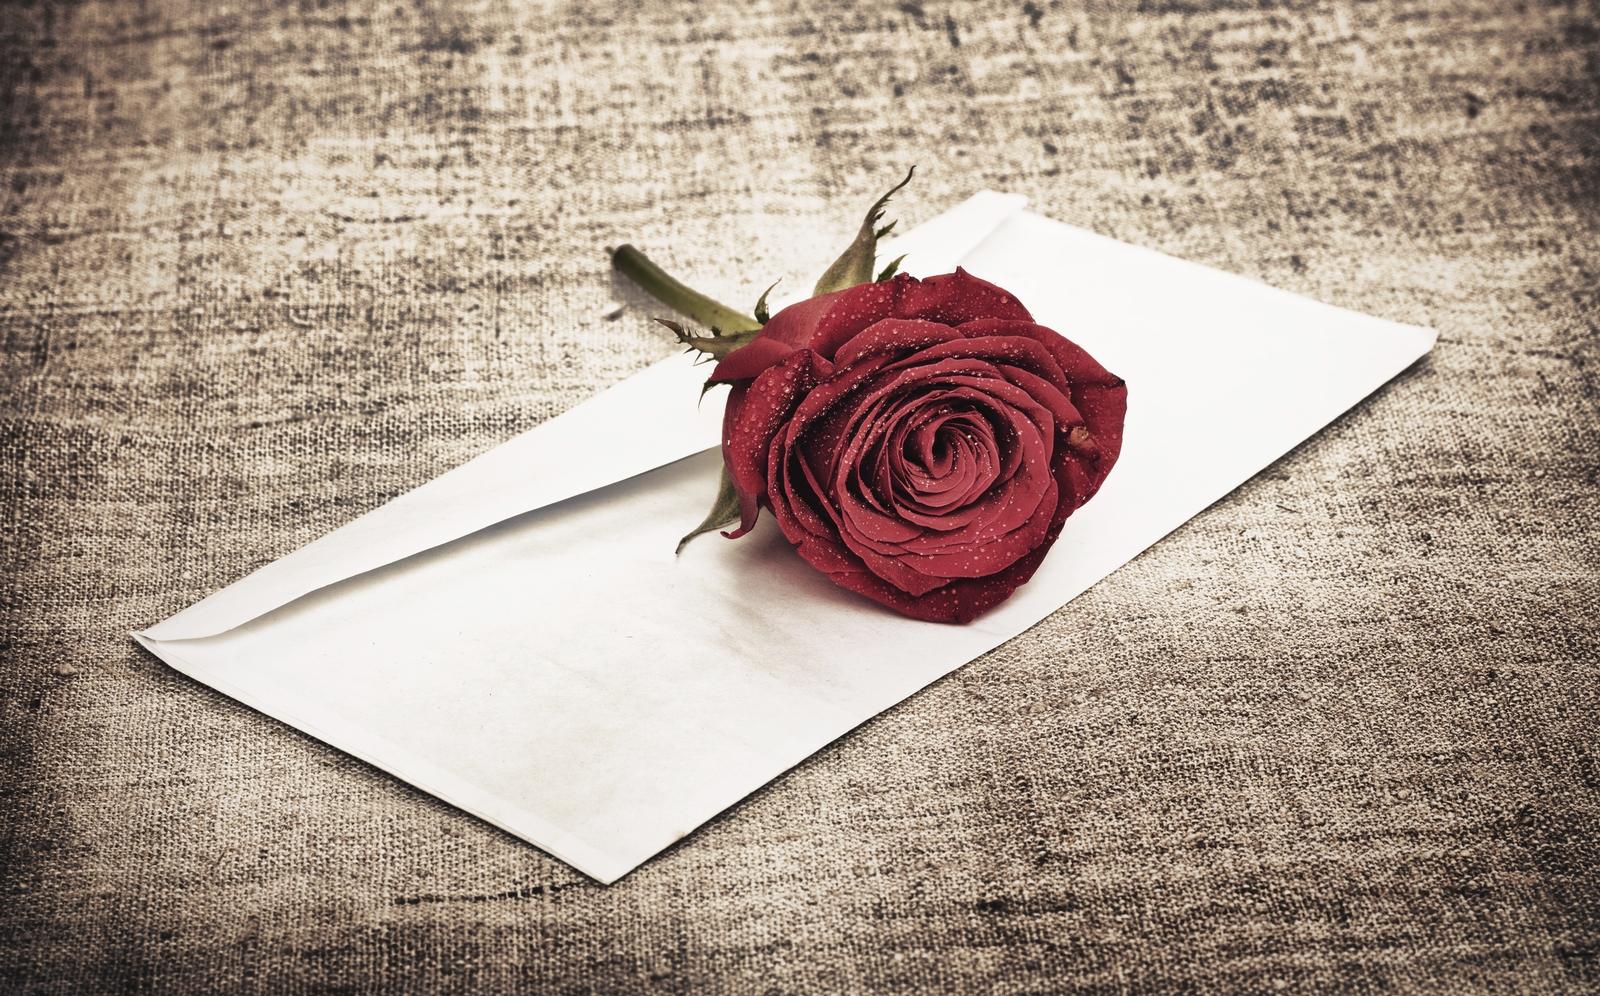 Красные розы сток-фотографии, графику и векторные иллюстраци.